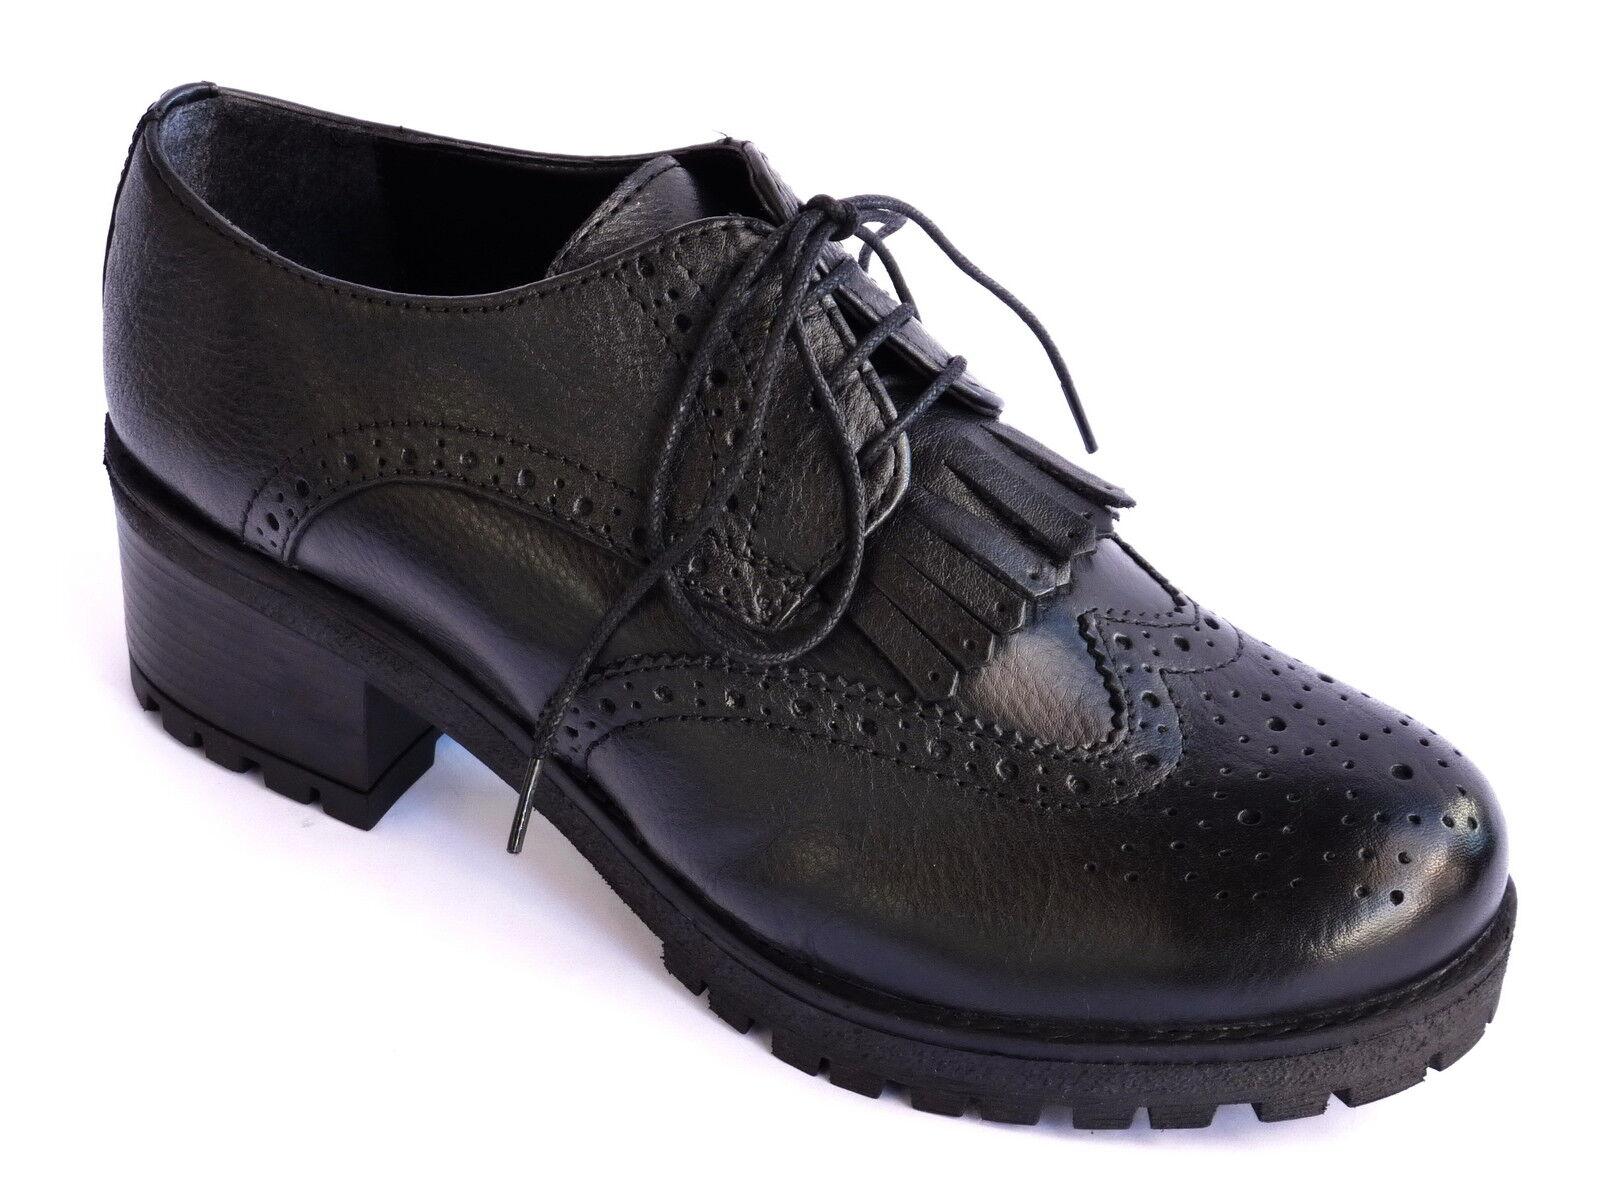 chaussures femmes STRINGATE FRANCESINE IN PELLE noir MODA GIOVANE  n. 39